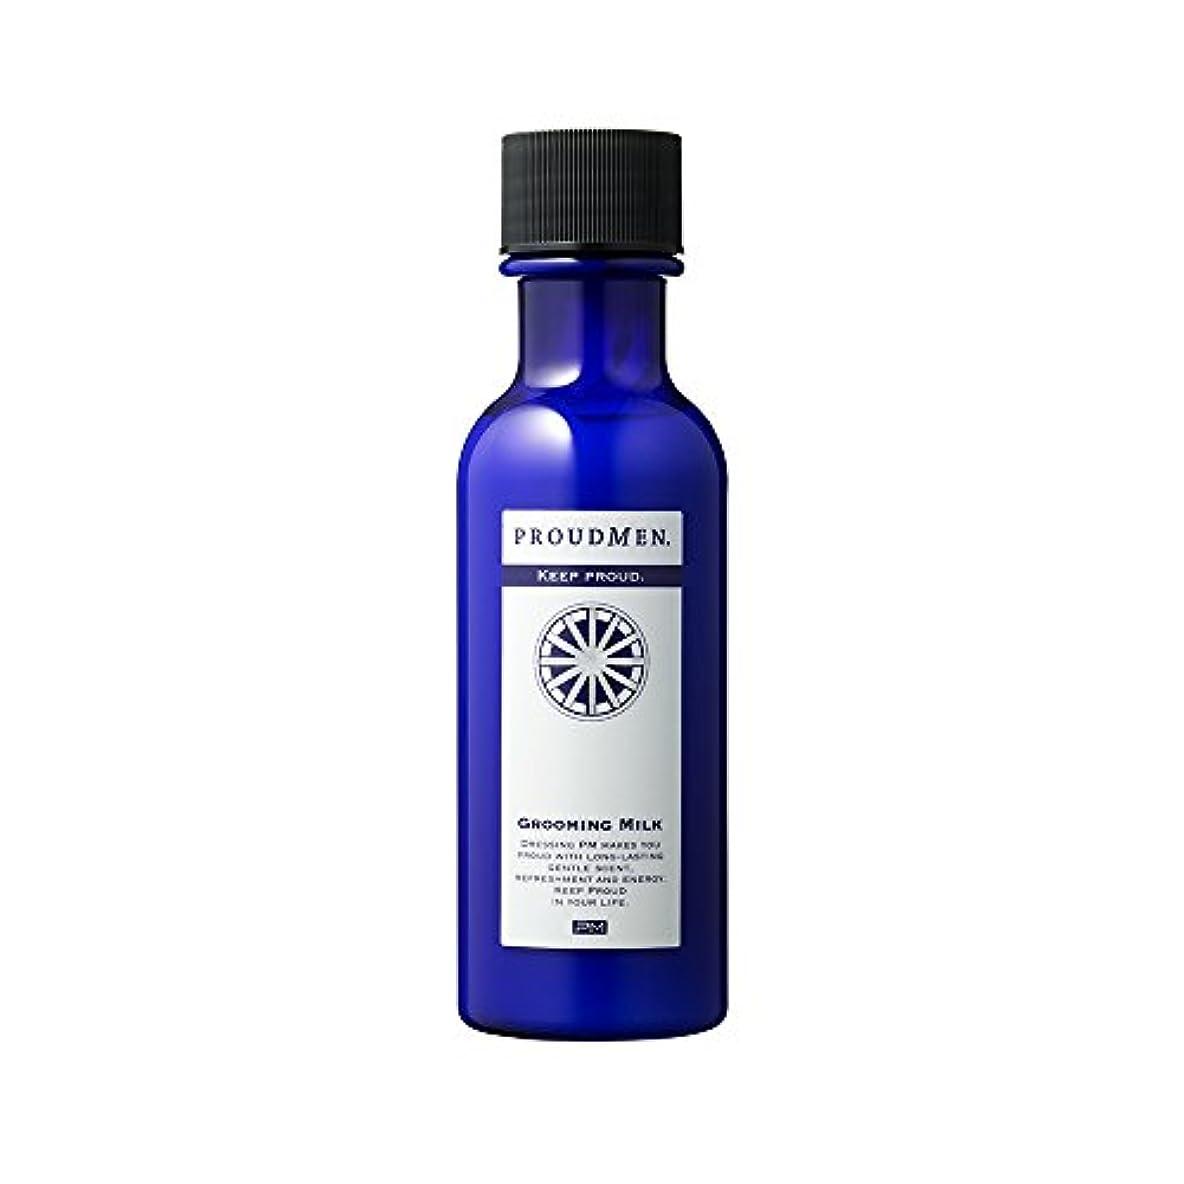 ペイント非アクティブベンチプラウドメン グルーミングミルク 100ml 化粧水 メンズ アフターシェーブ